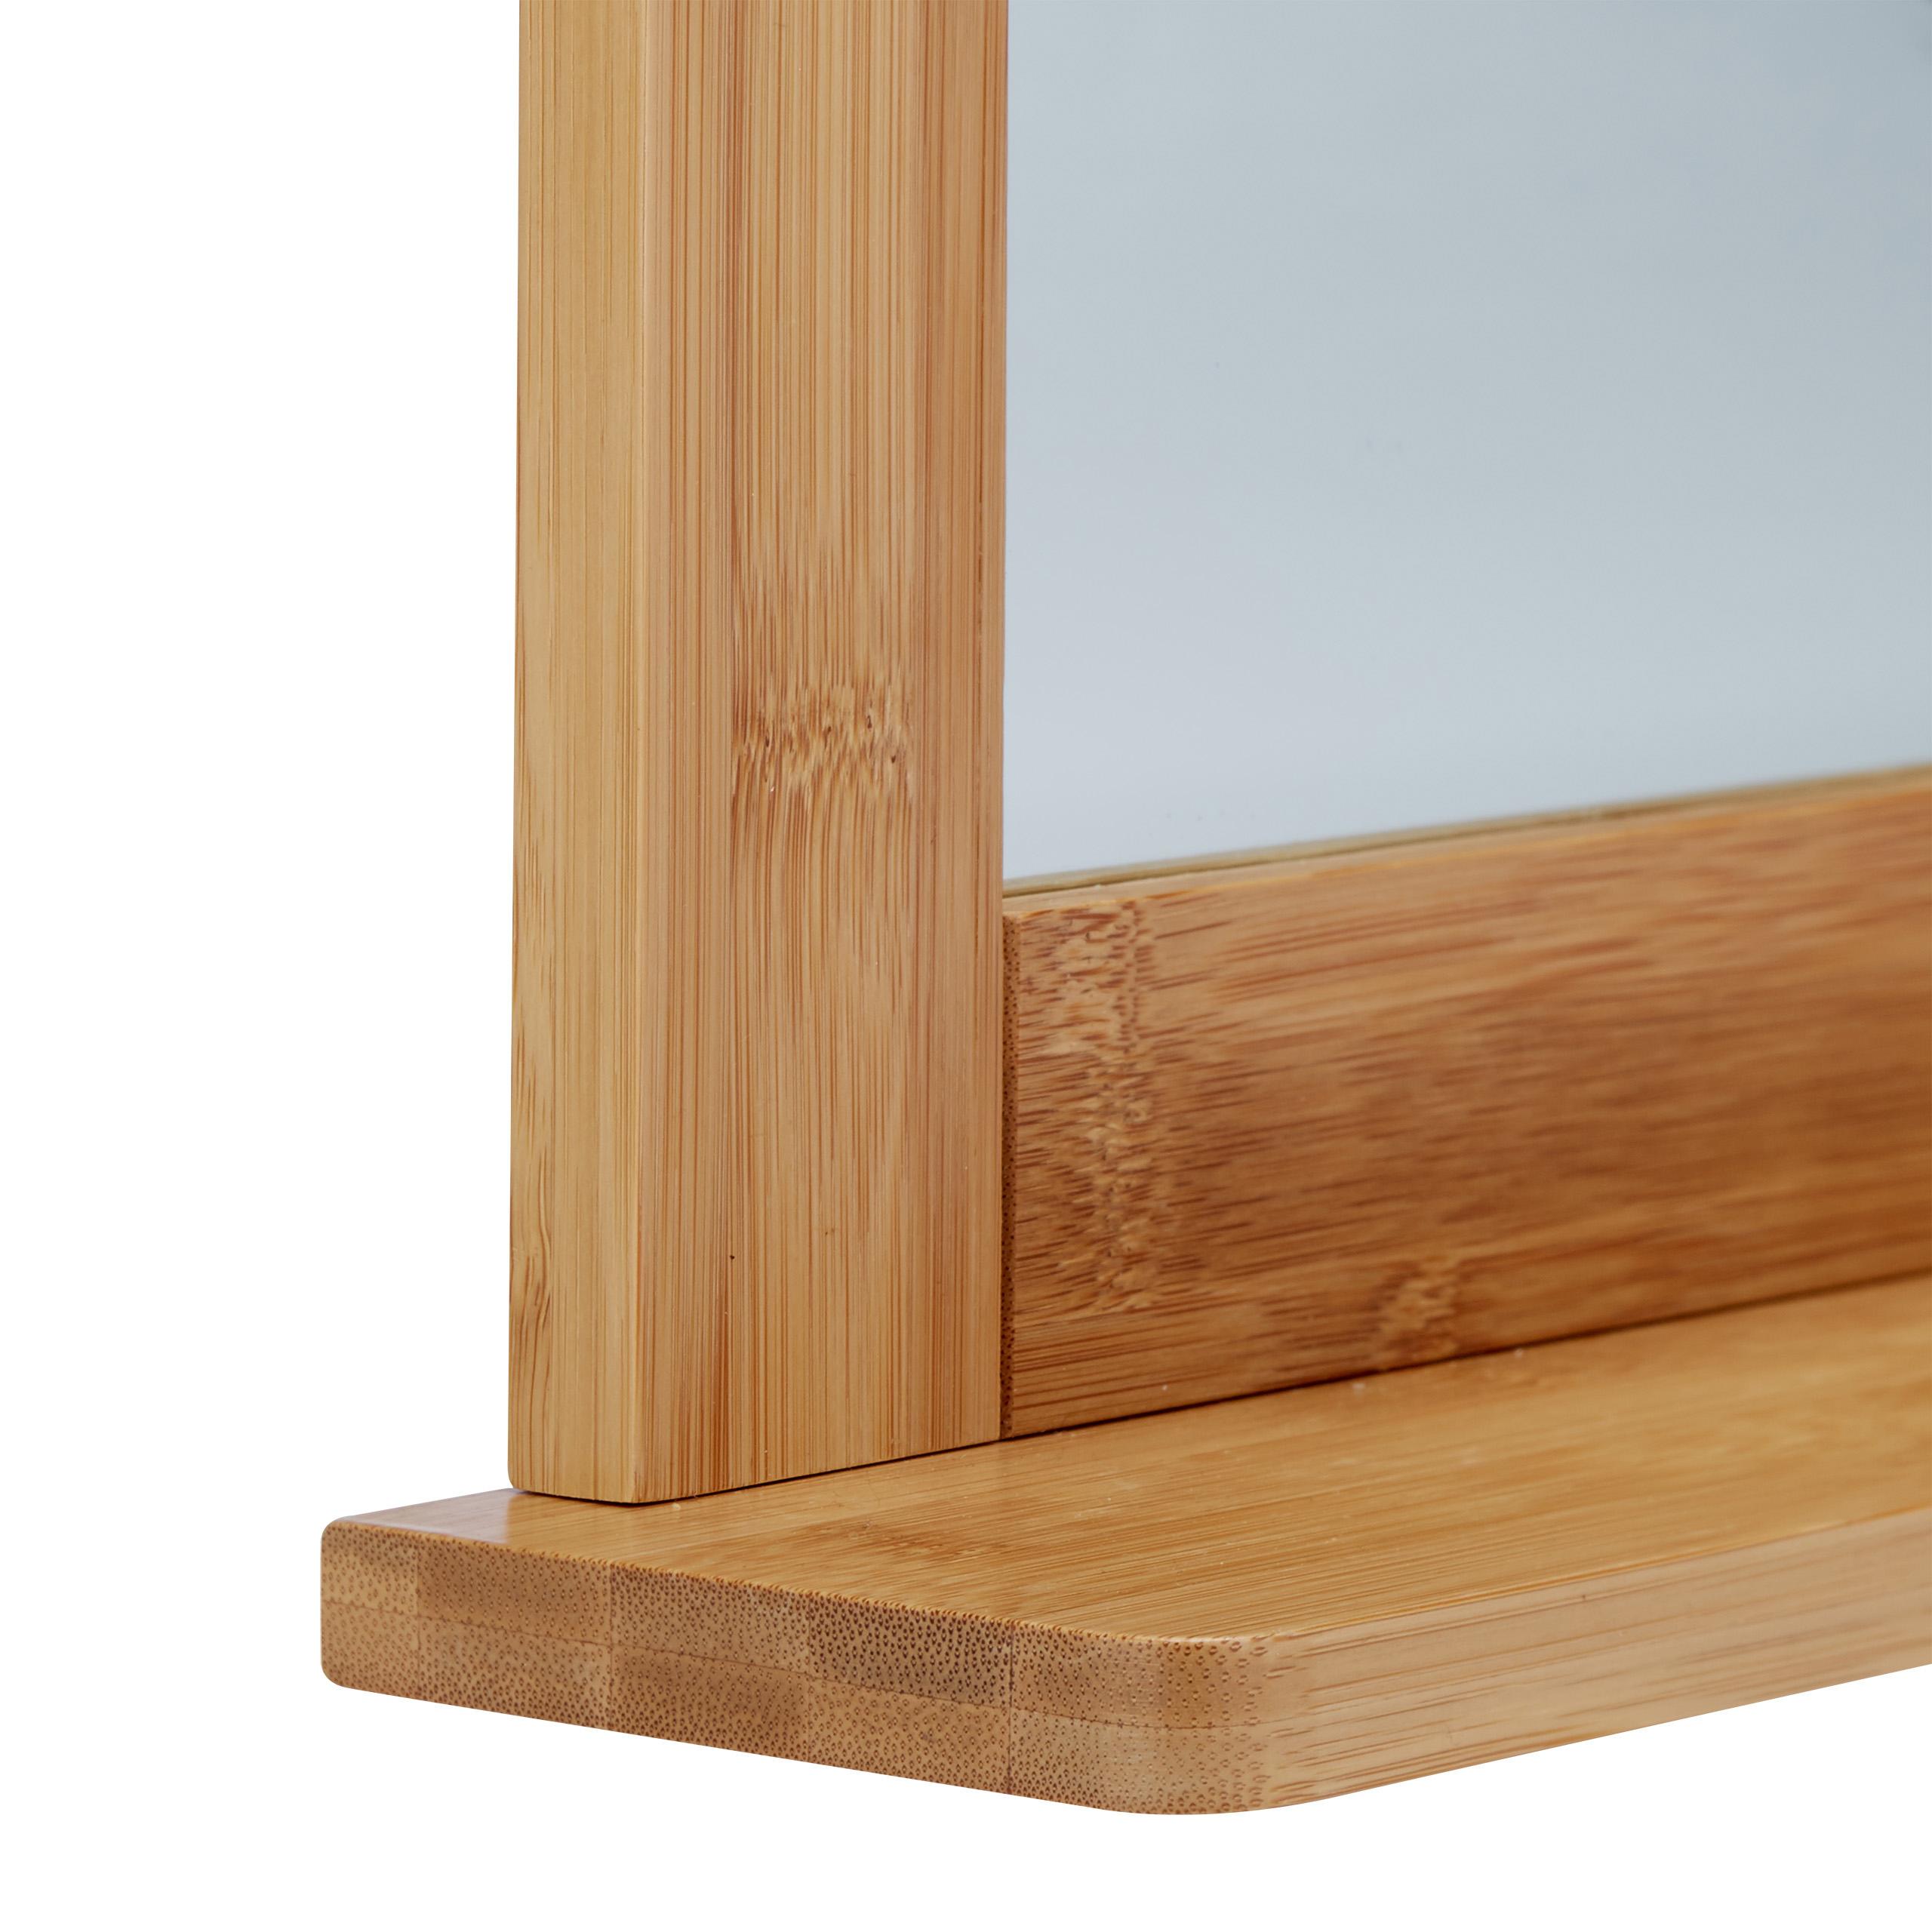 wandspiegel bambus badspiegel mit ablage spiegel zum aufh ngen schminkspiegel ebay. Black Bedroom Furniture Sets. Home Design Ideas